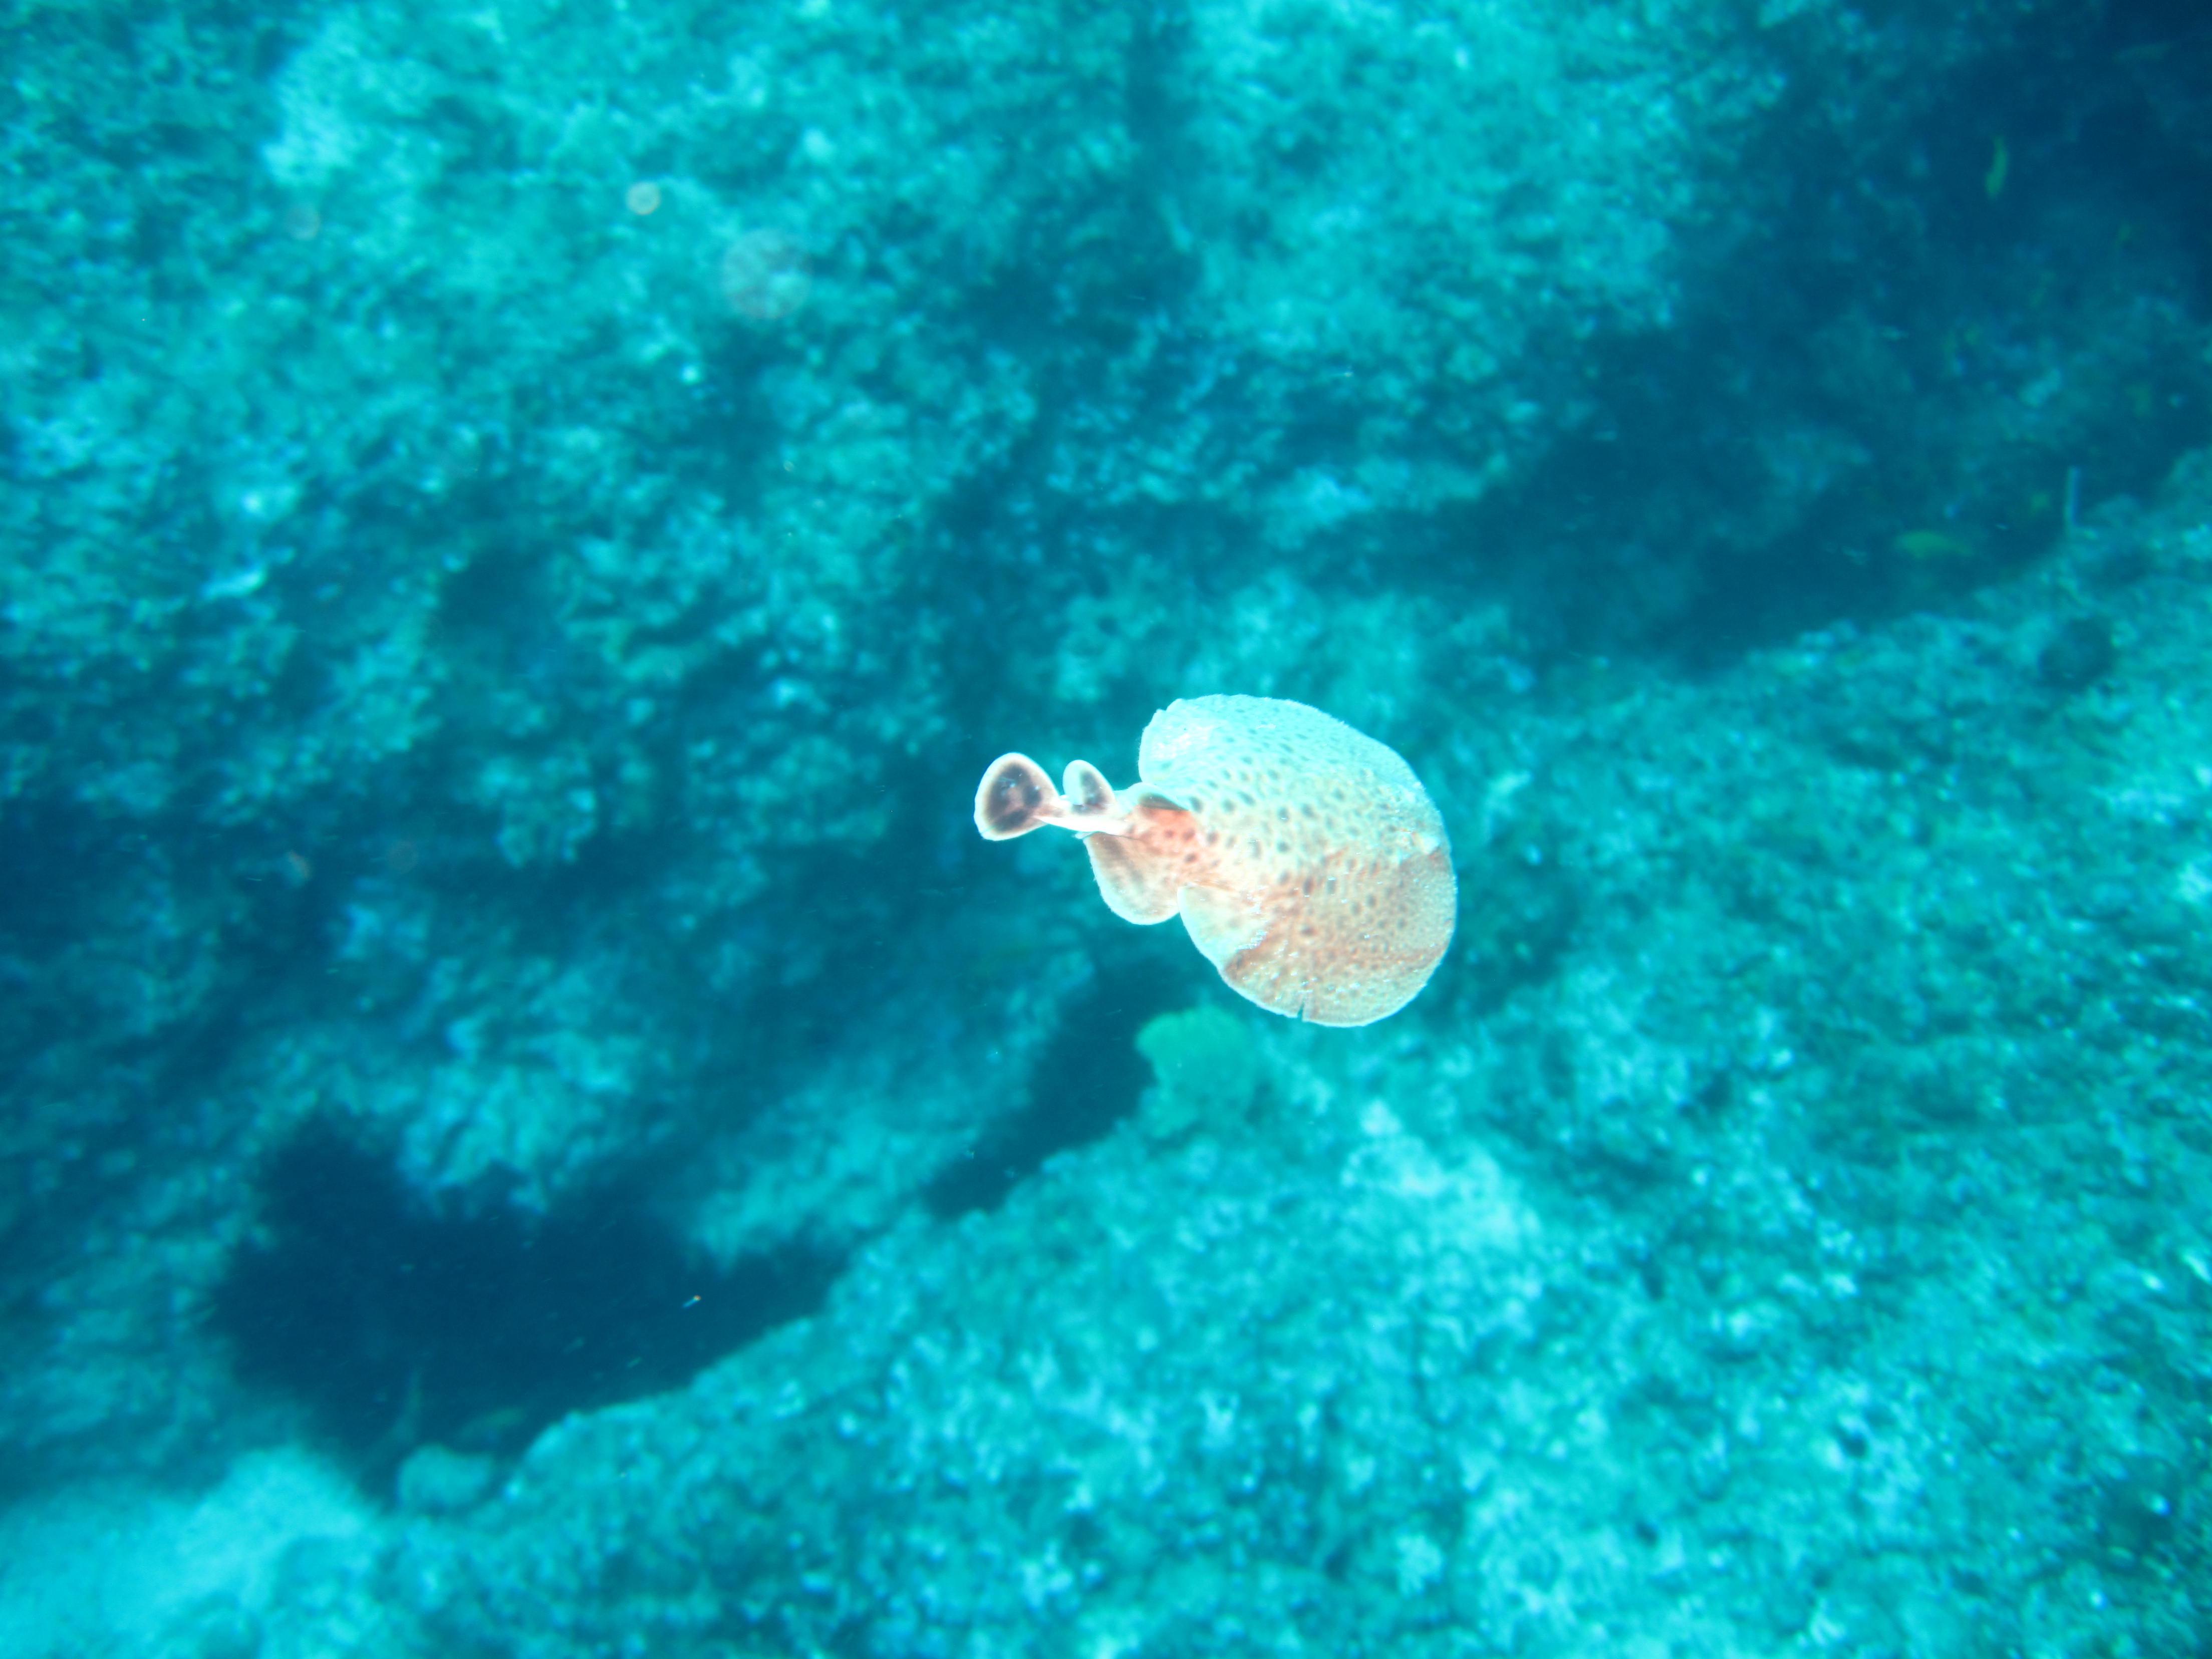 Arraia elétrica bebê nas águas turquesa do Oceano Índico: um dos melhores lugares do mundo para mergulhar